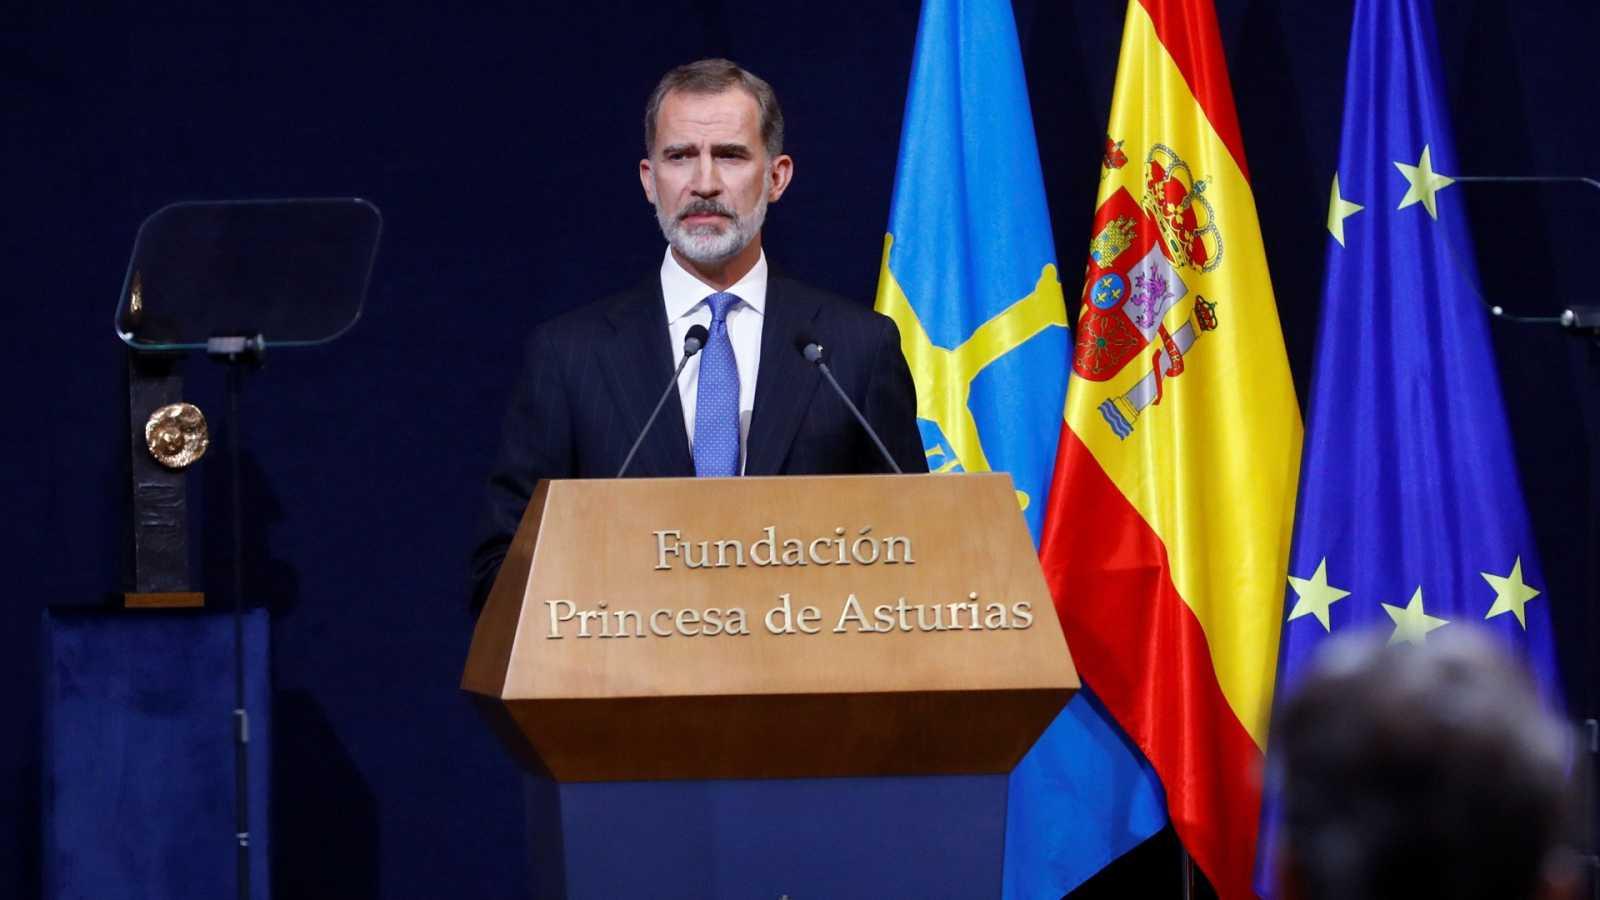 """El rey pide un """"gran esfuerzo nacional de entendimiento y concordia"""""""